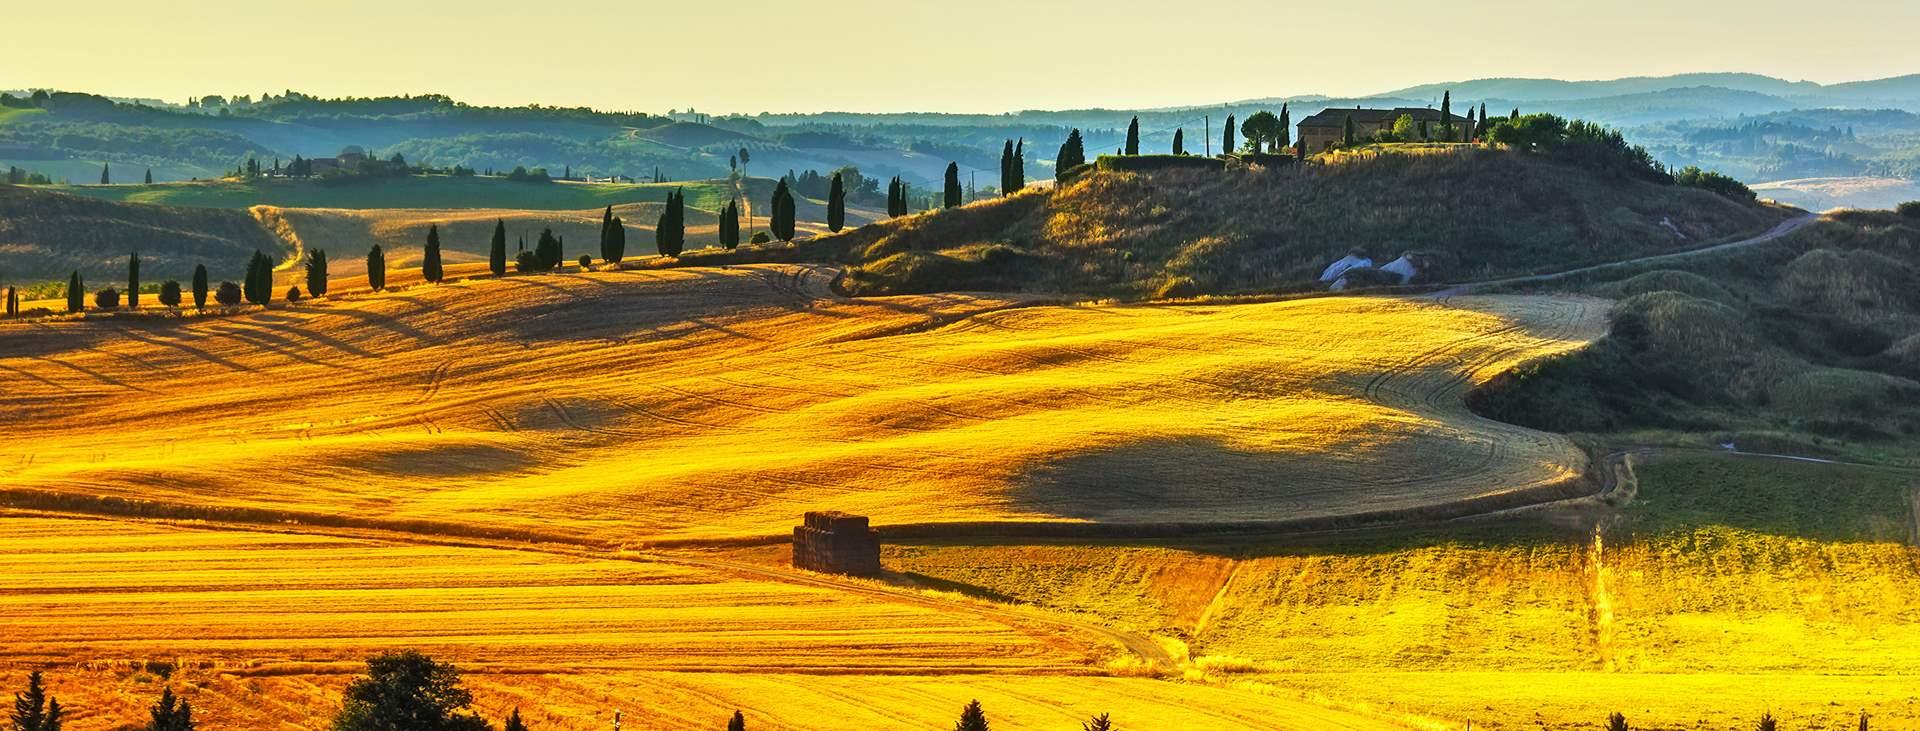 Bestill en reise til Toscana i Italia med Ving